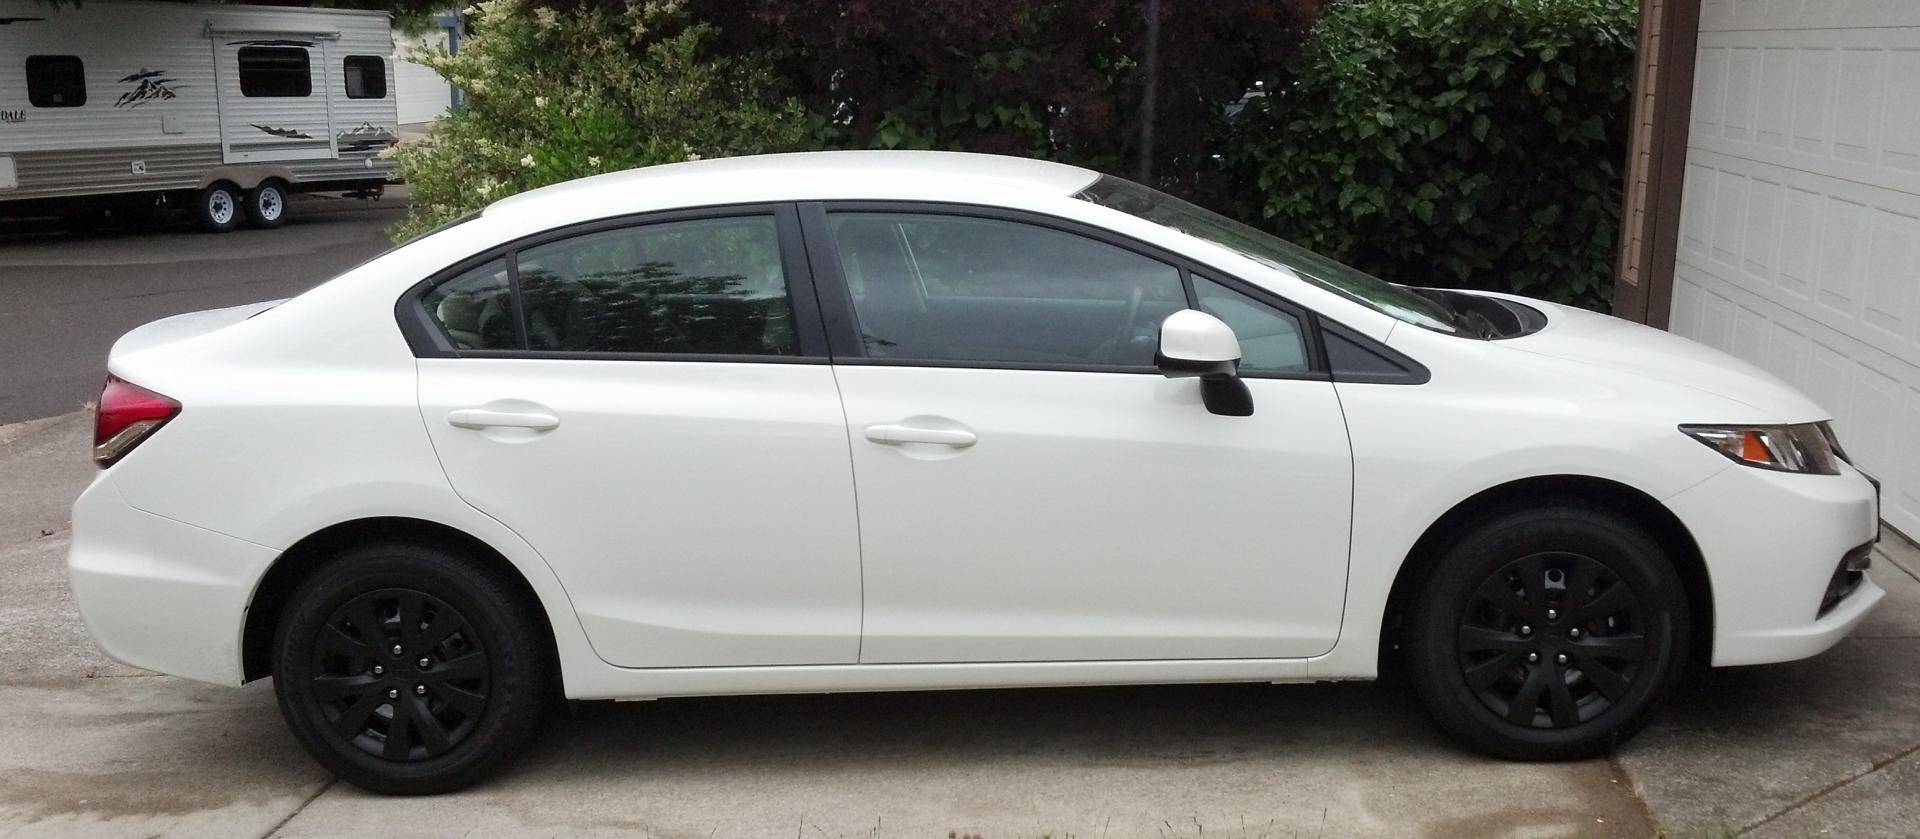 Project 2012 plasti dip d hubcaps on white 2013 lx sedan 2civic2012blackedouthubs